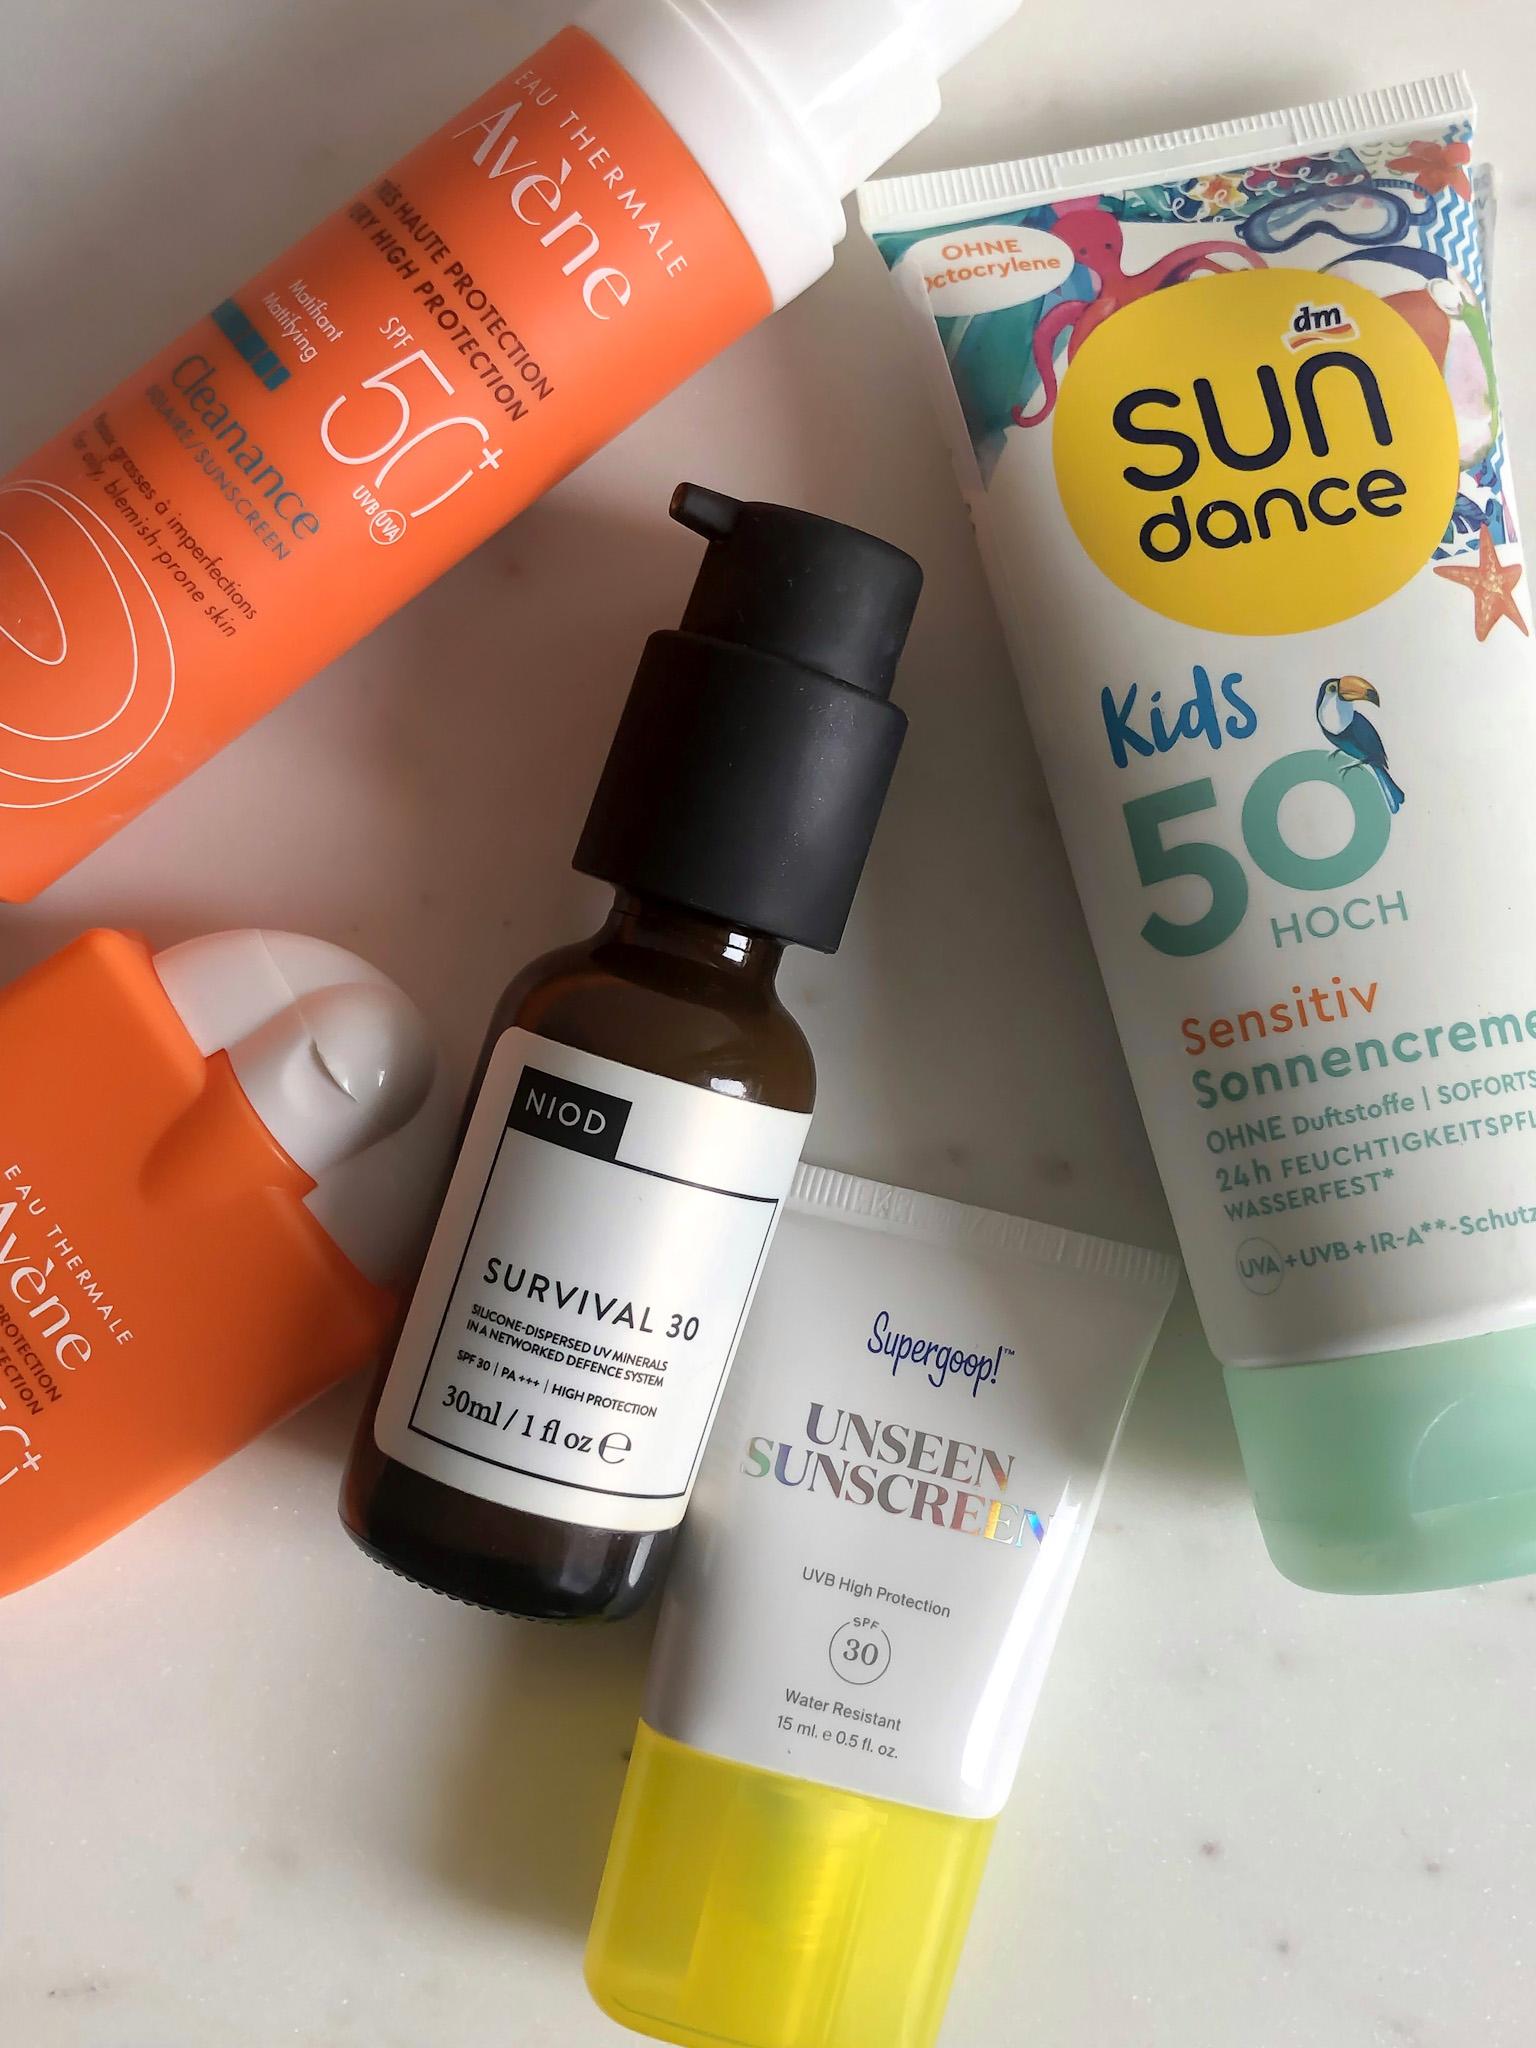 Proizvodi za zaštitu od sunca - najčešće greške